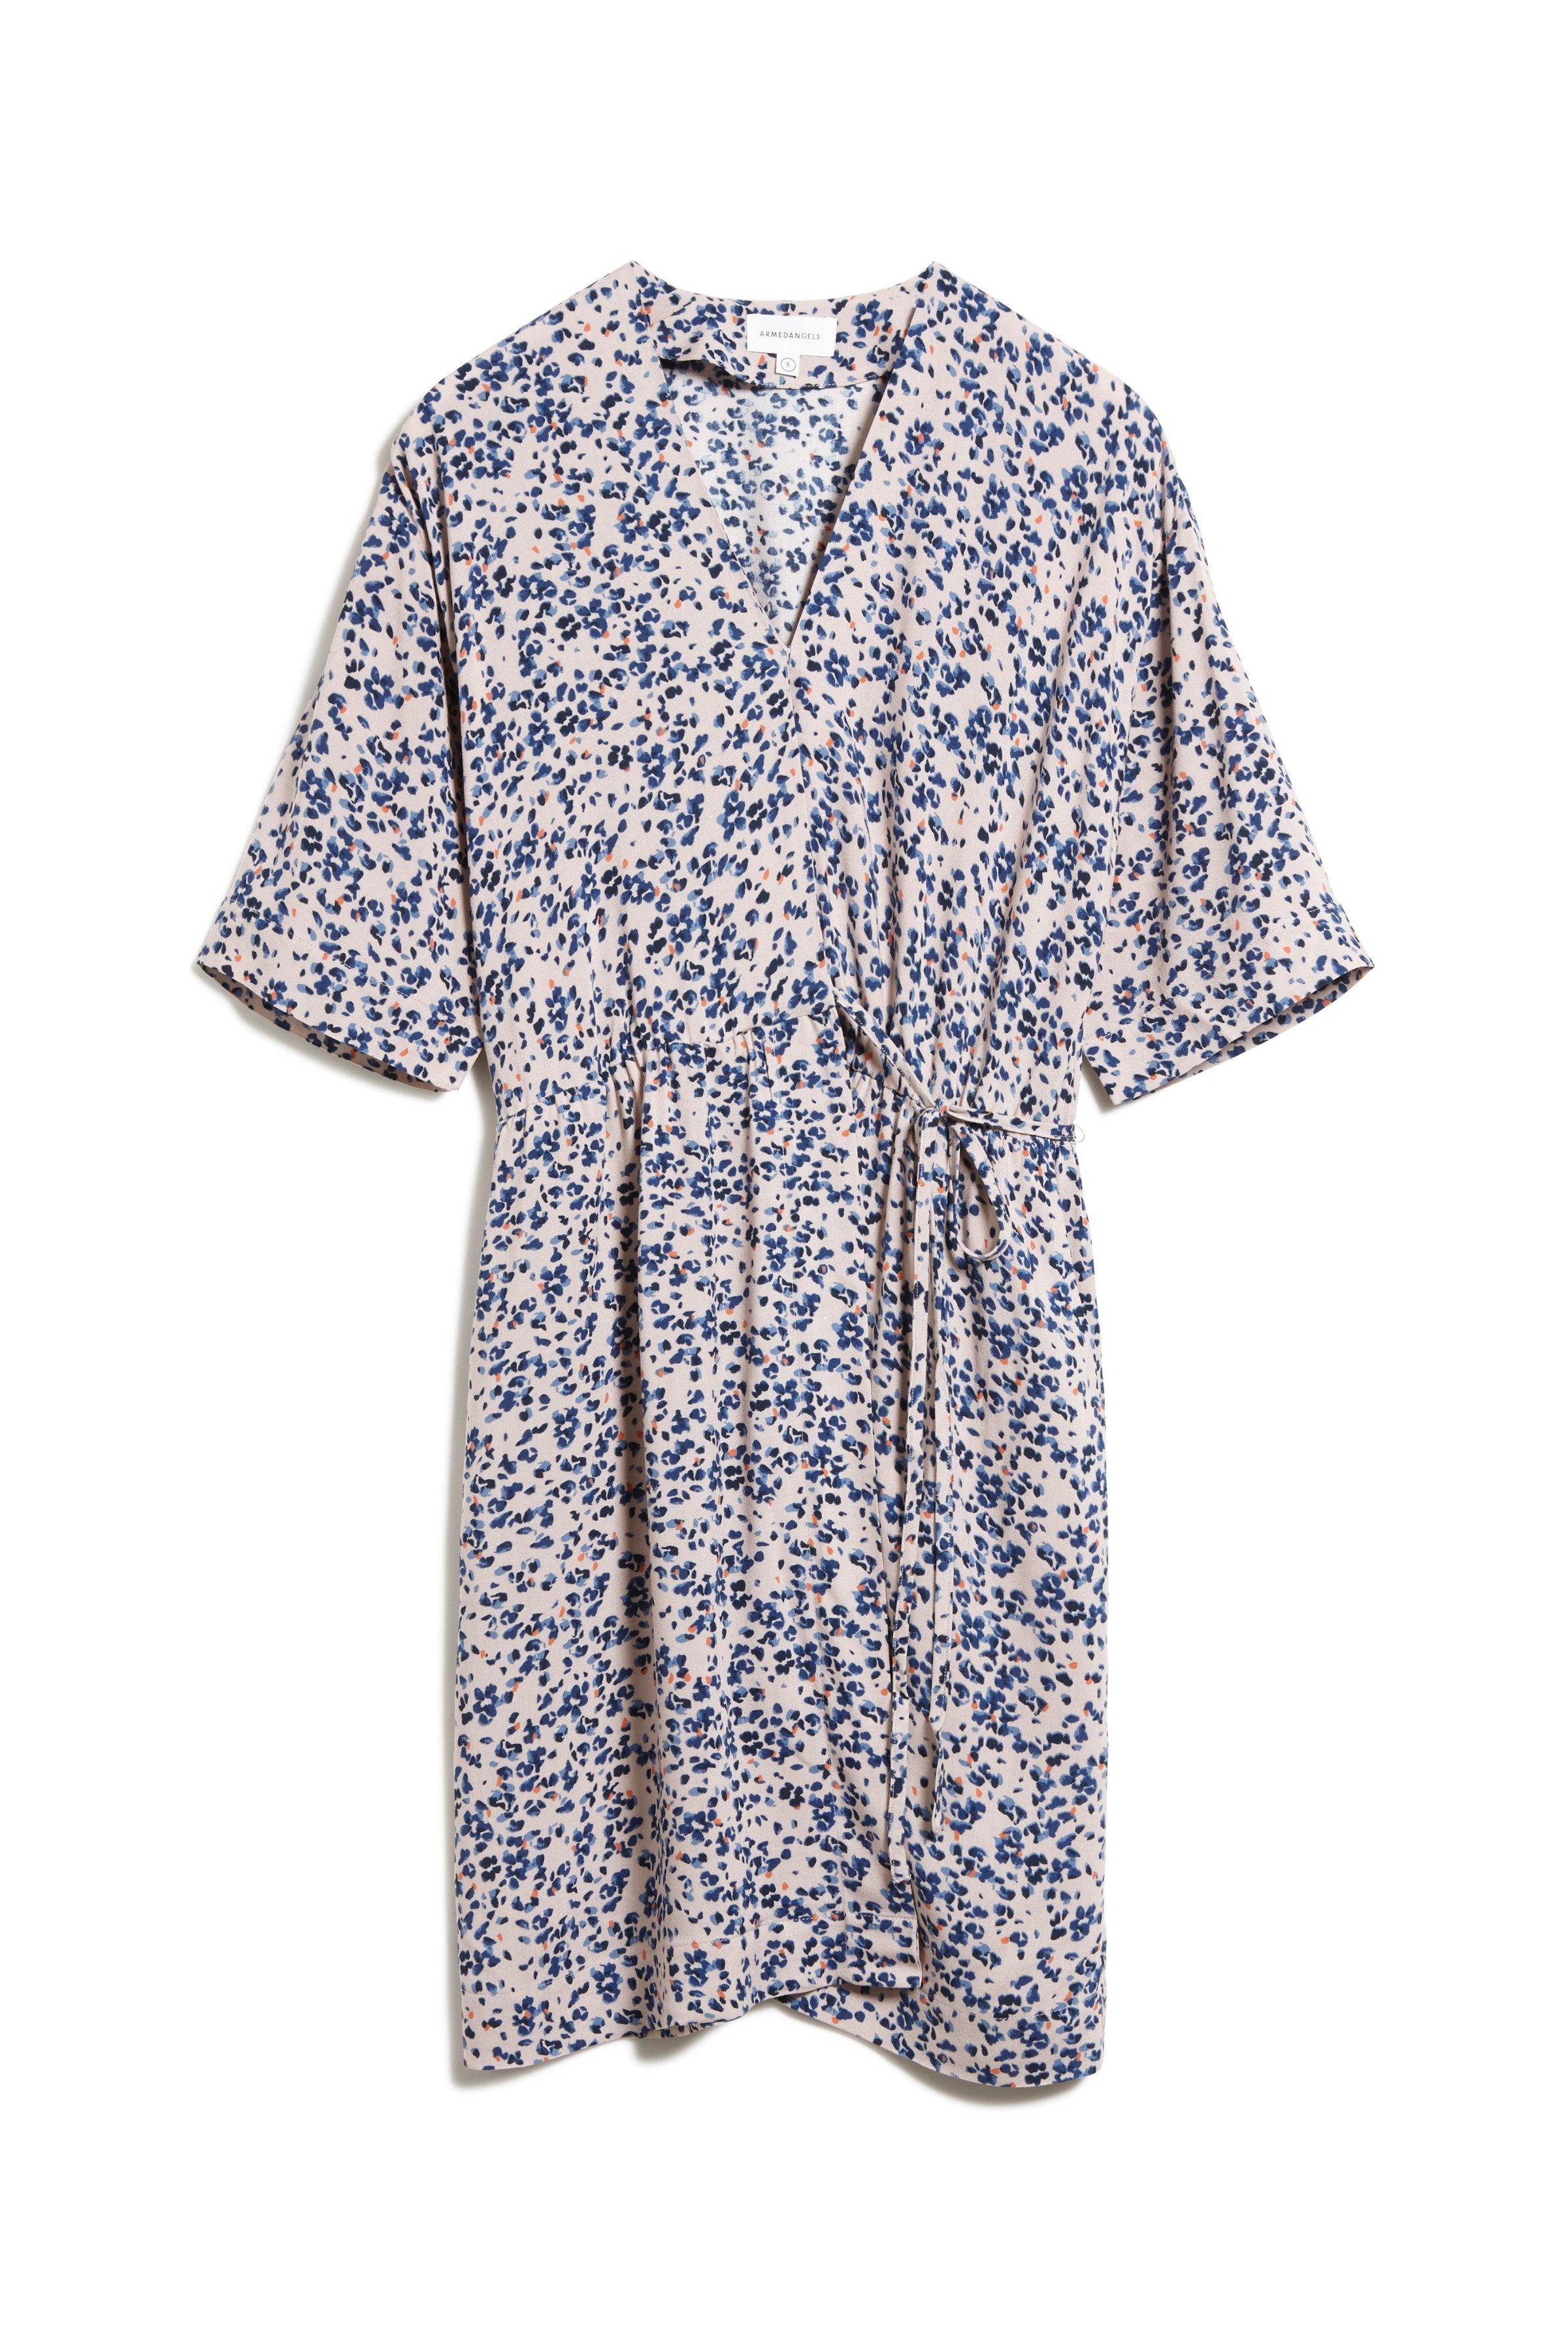 Kleid Rauhaa Flower Sprinkle Beige